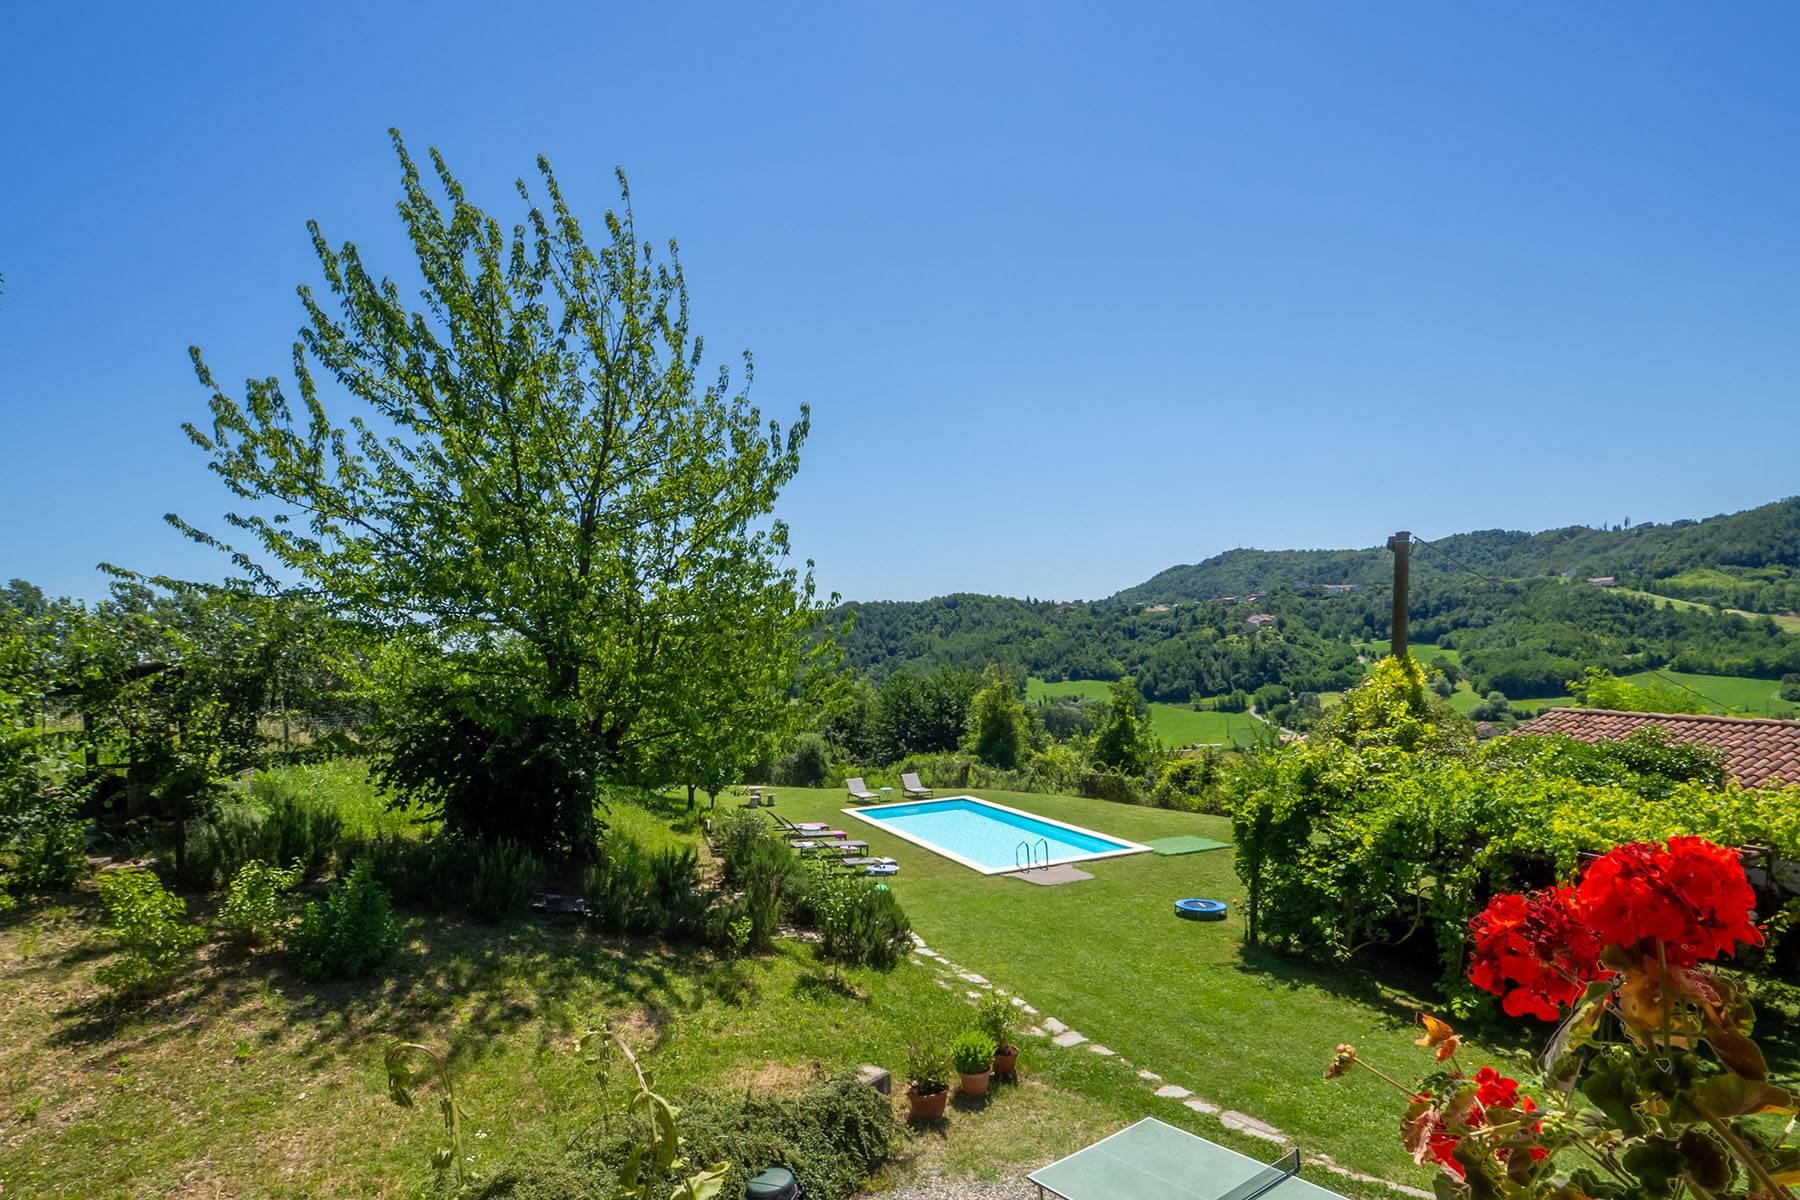 Rustico in Vendita a Ponzano Monferrato: 5 locali, 560 mq - Foto 23